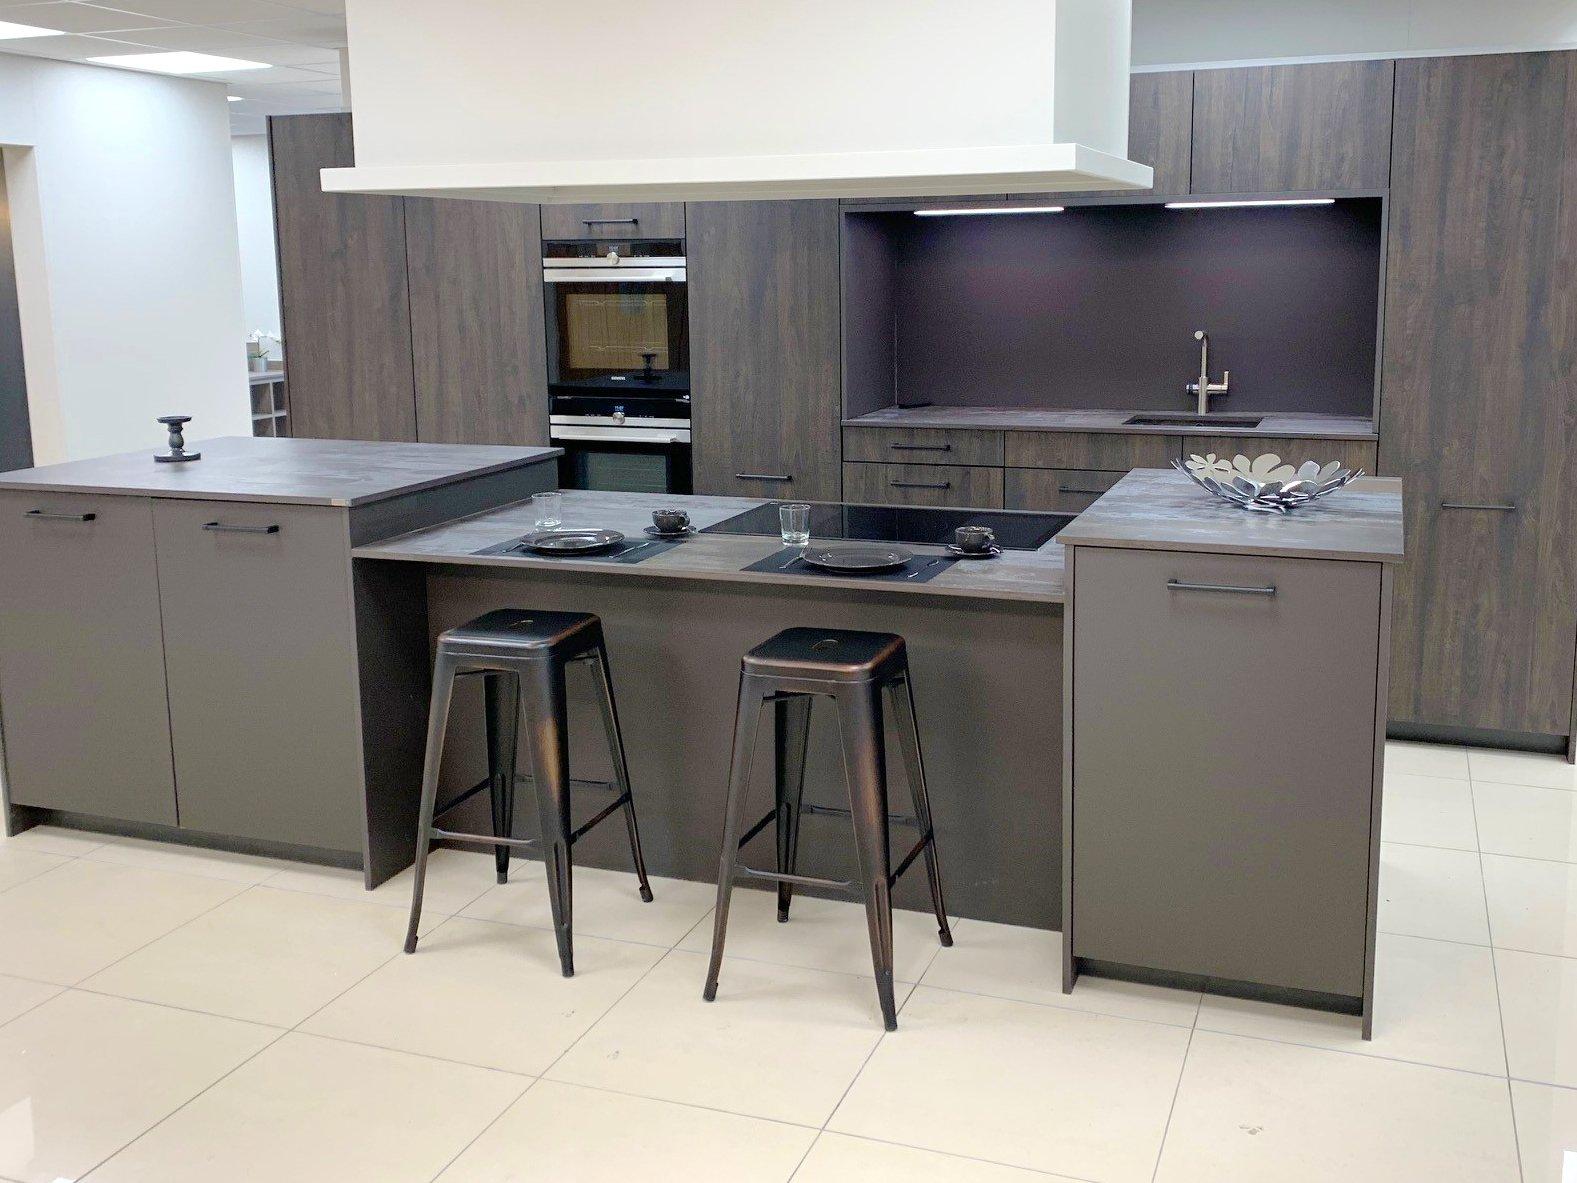 Rotpunkt Matt Grey kitchen in Grigio with woodgrain effect units